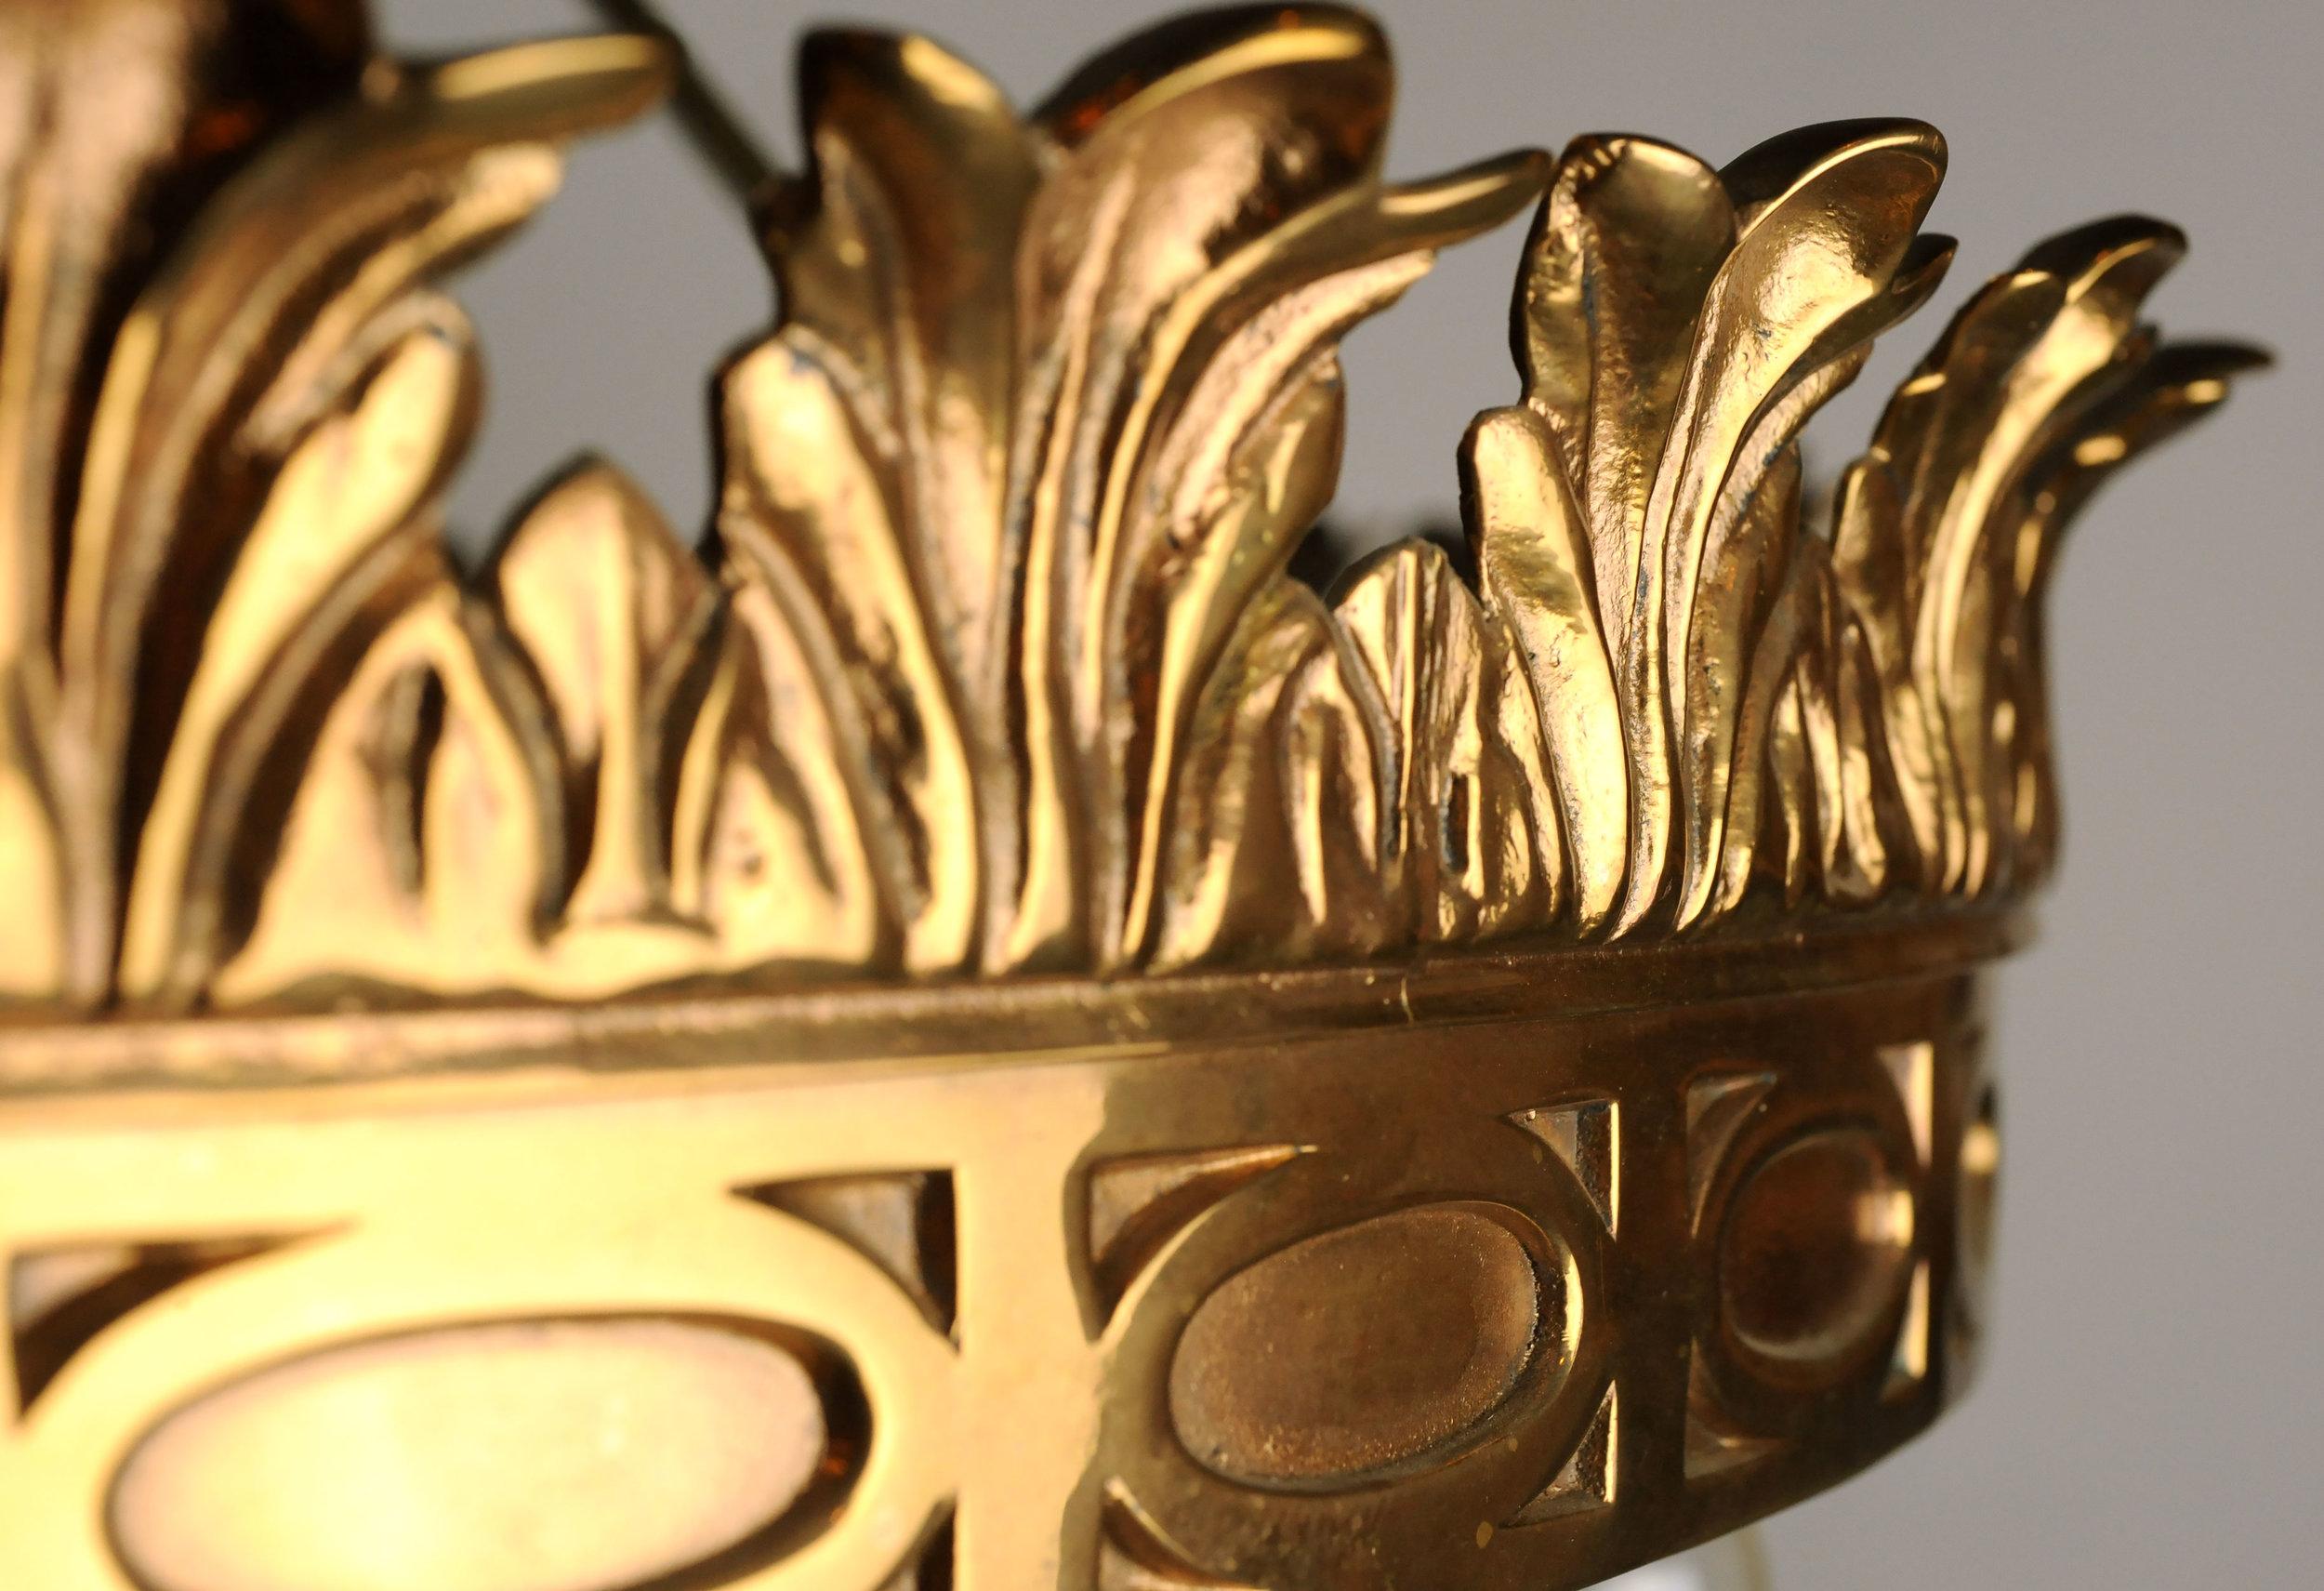 47134-bronze-bowl-chandelier-outer-edge.jpg